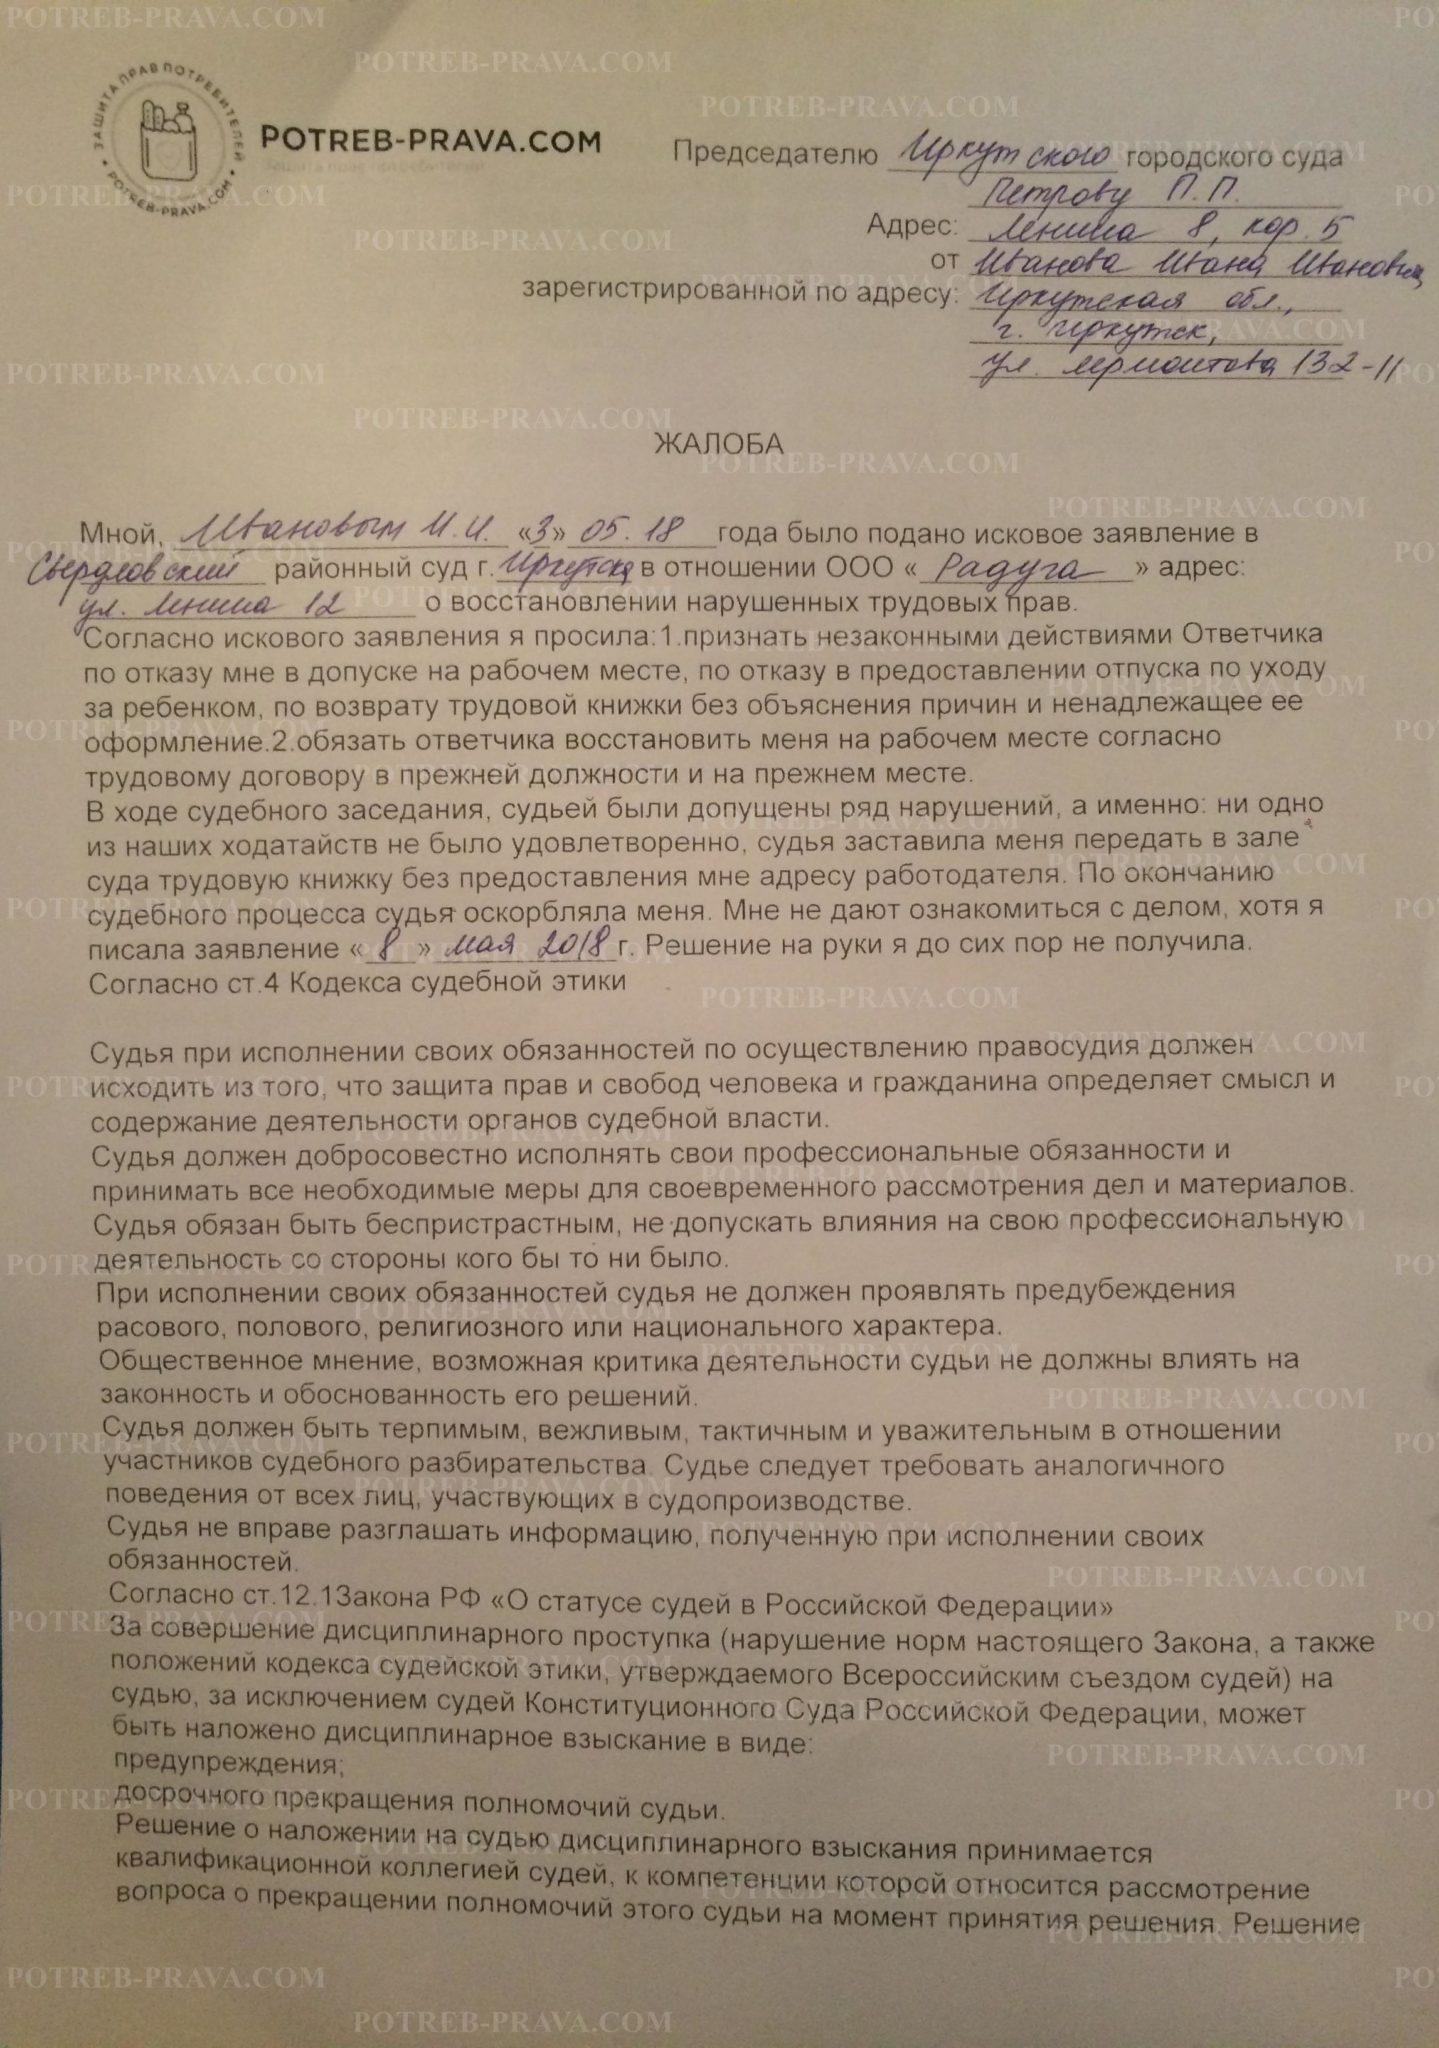 Пример заполнения жалобы на судью председателю суда по гражданскому делу (1)